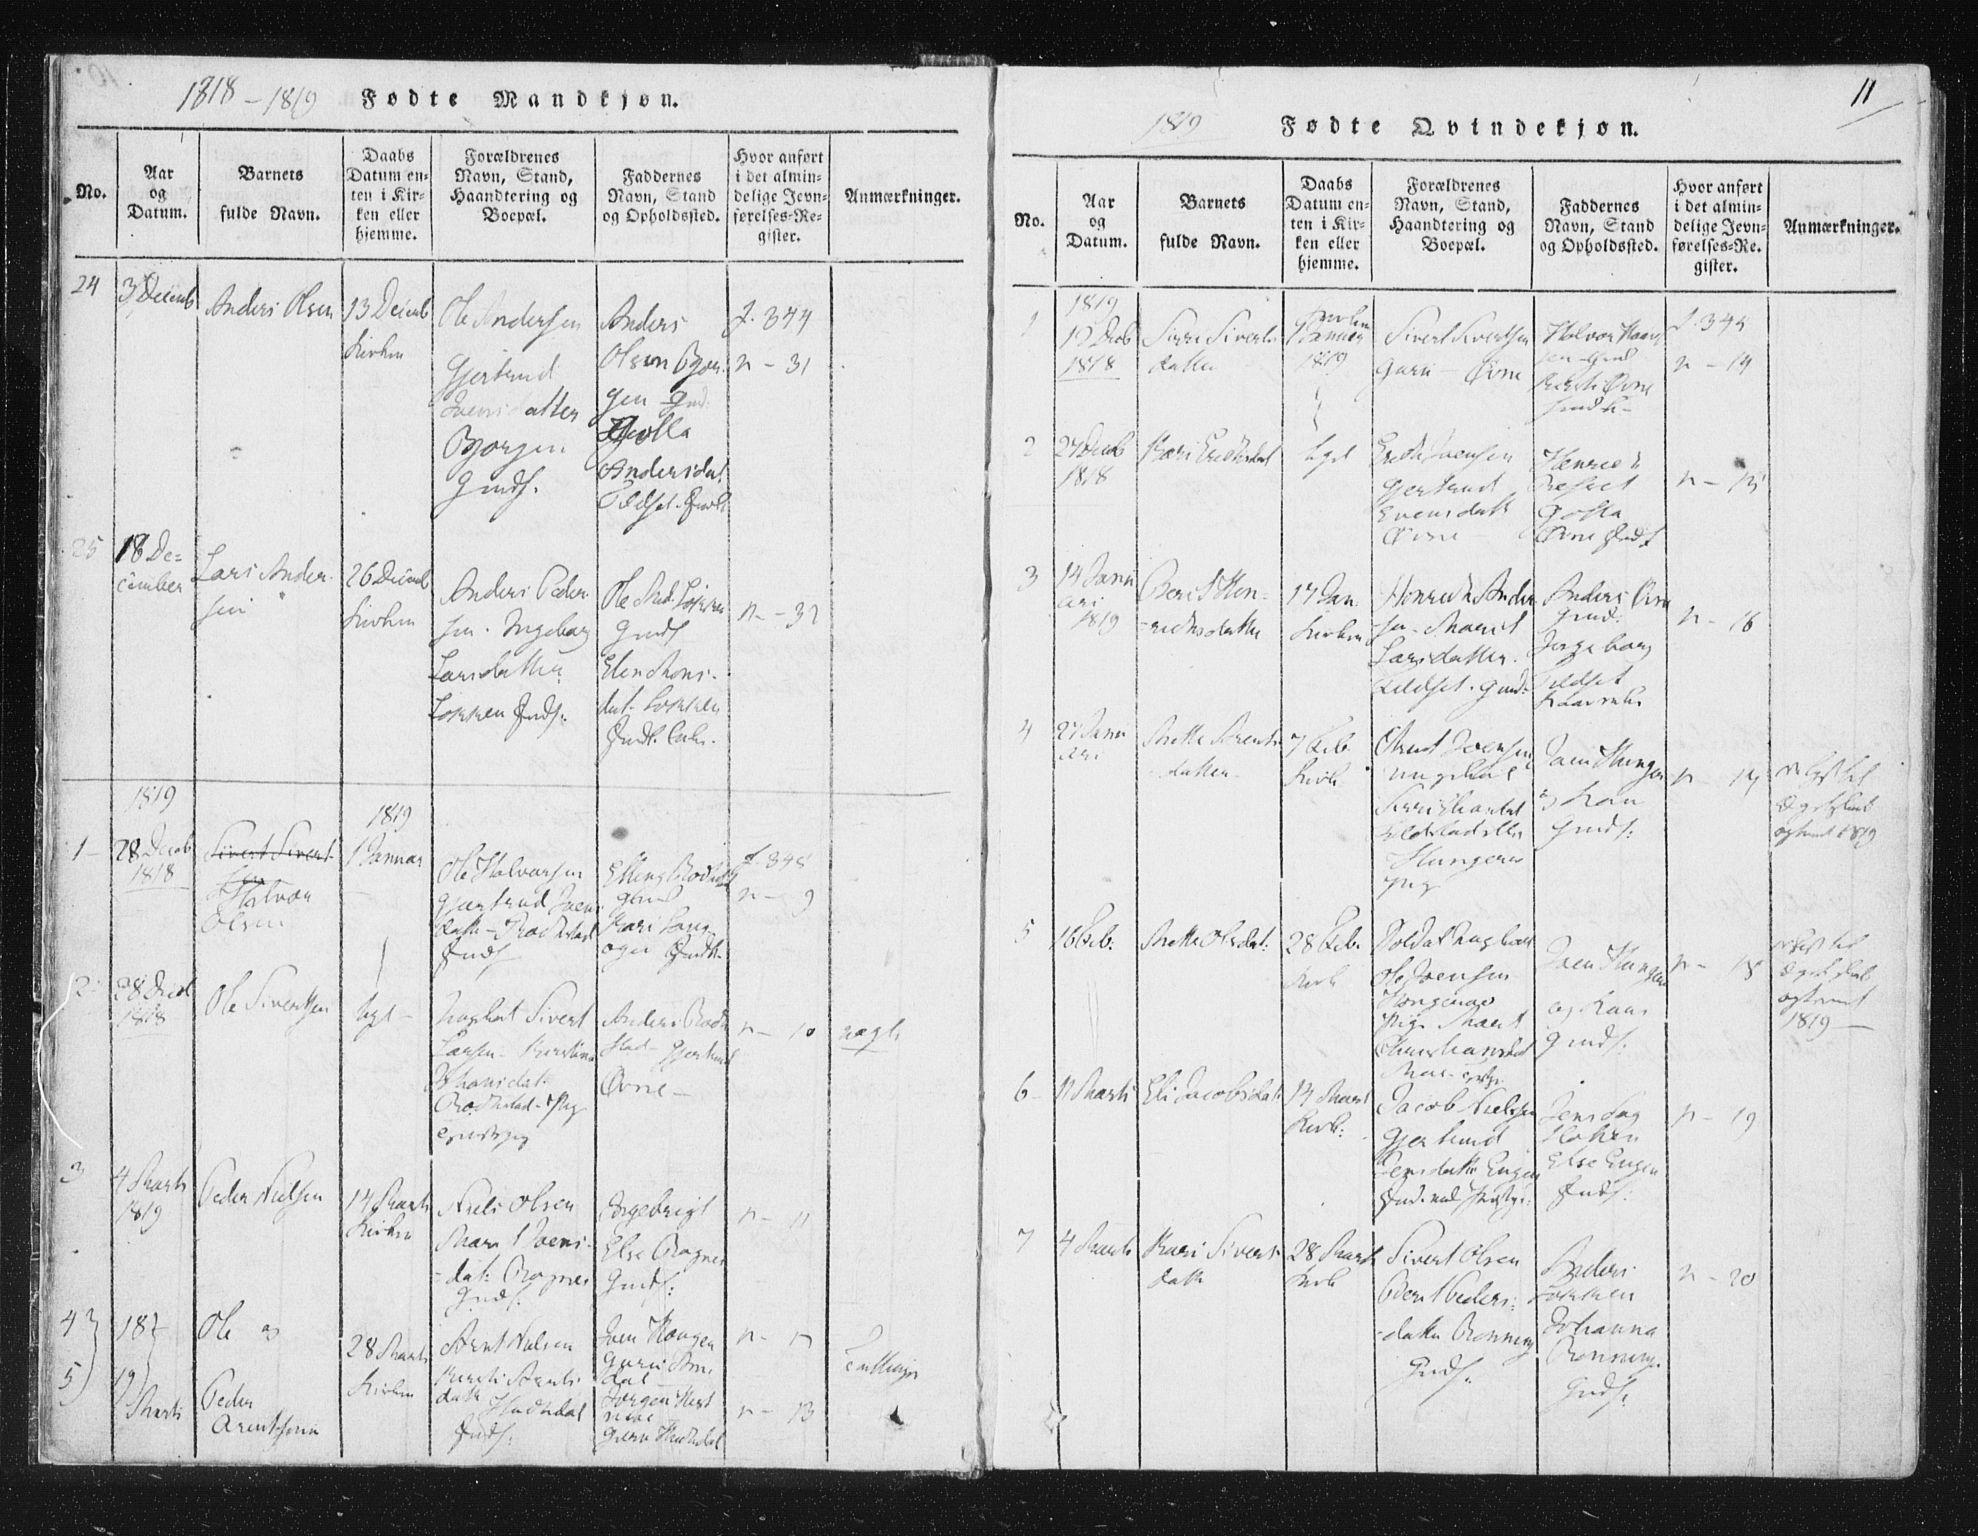 SAT, Ministerialprotokoller, klokkerbøker og fødselsregistre - Sør-Trøndelag, 687/L0996: Ministerialbok nr. 687A04, 1816-1842, s. 11